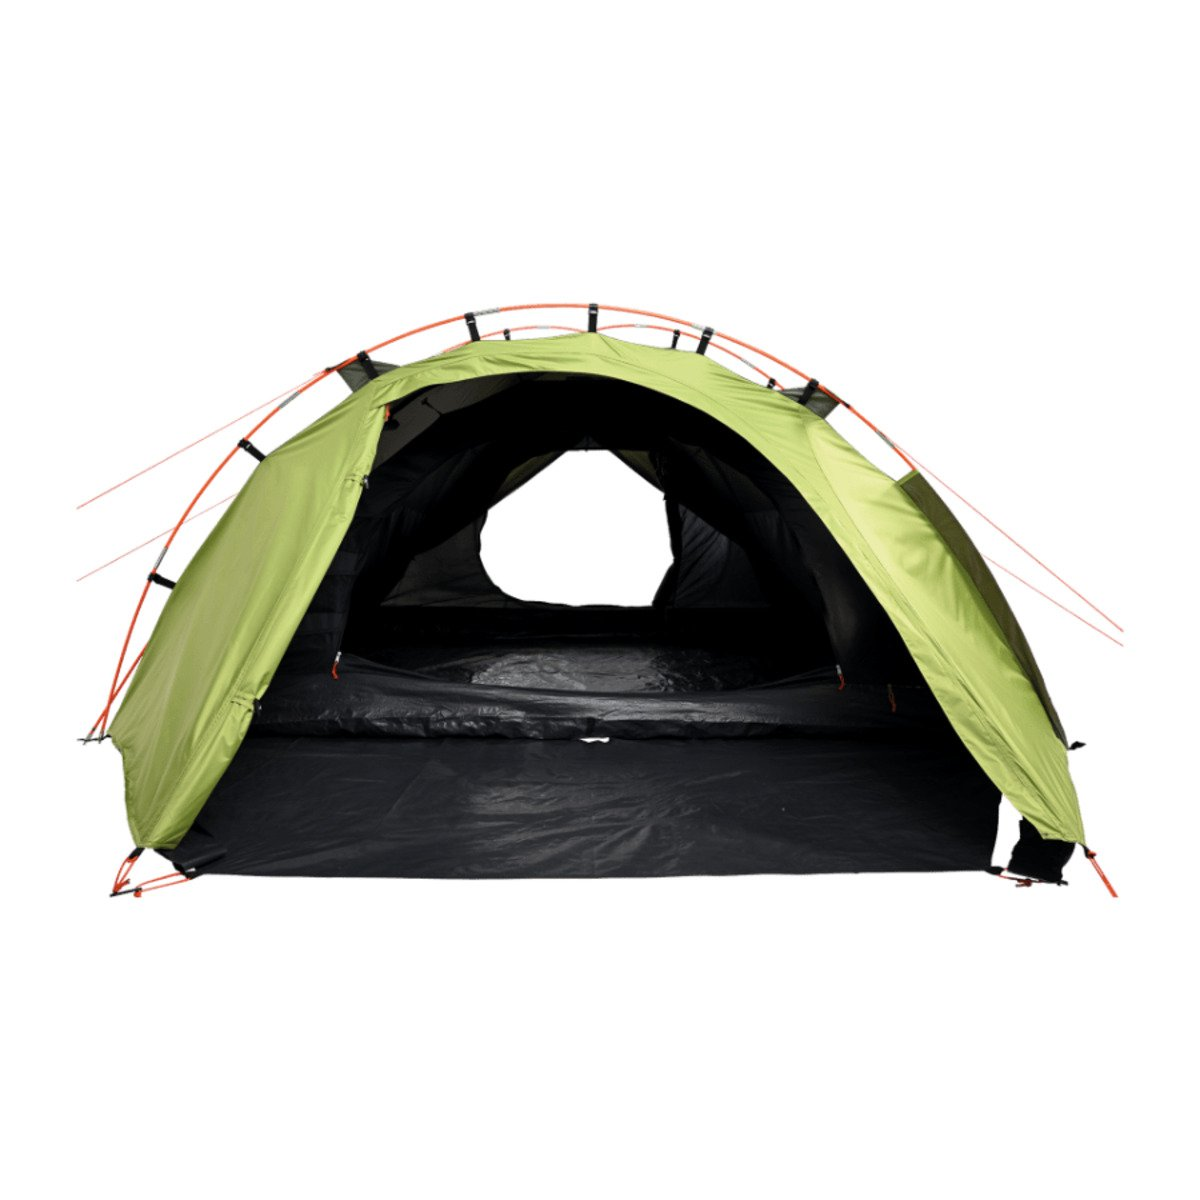 Bild 4 von FUN CAMP     Iglu-Doppeldach-Zelt